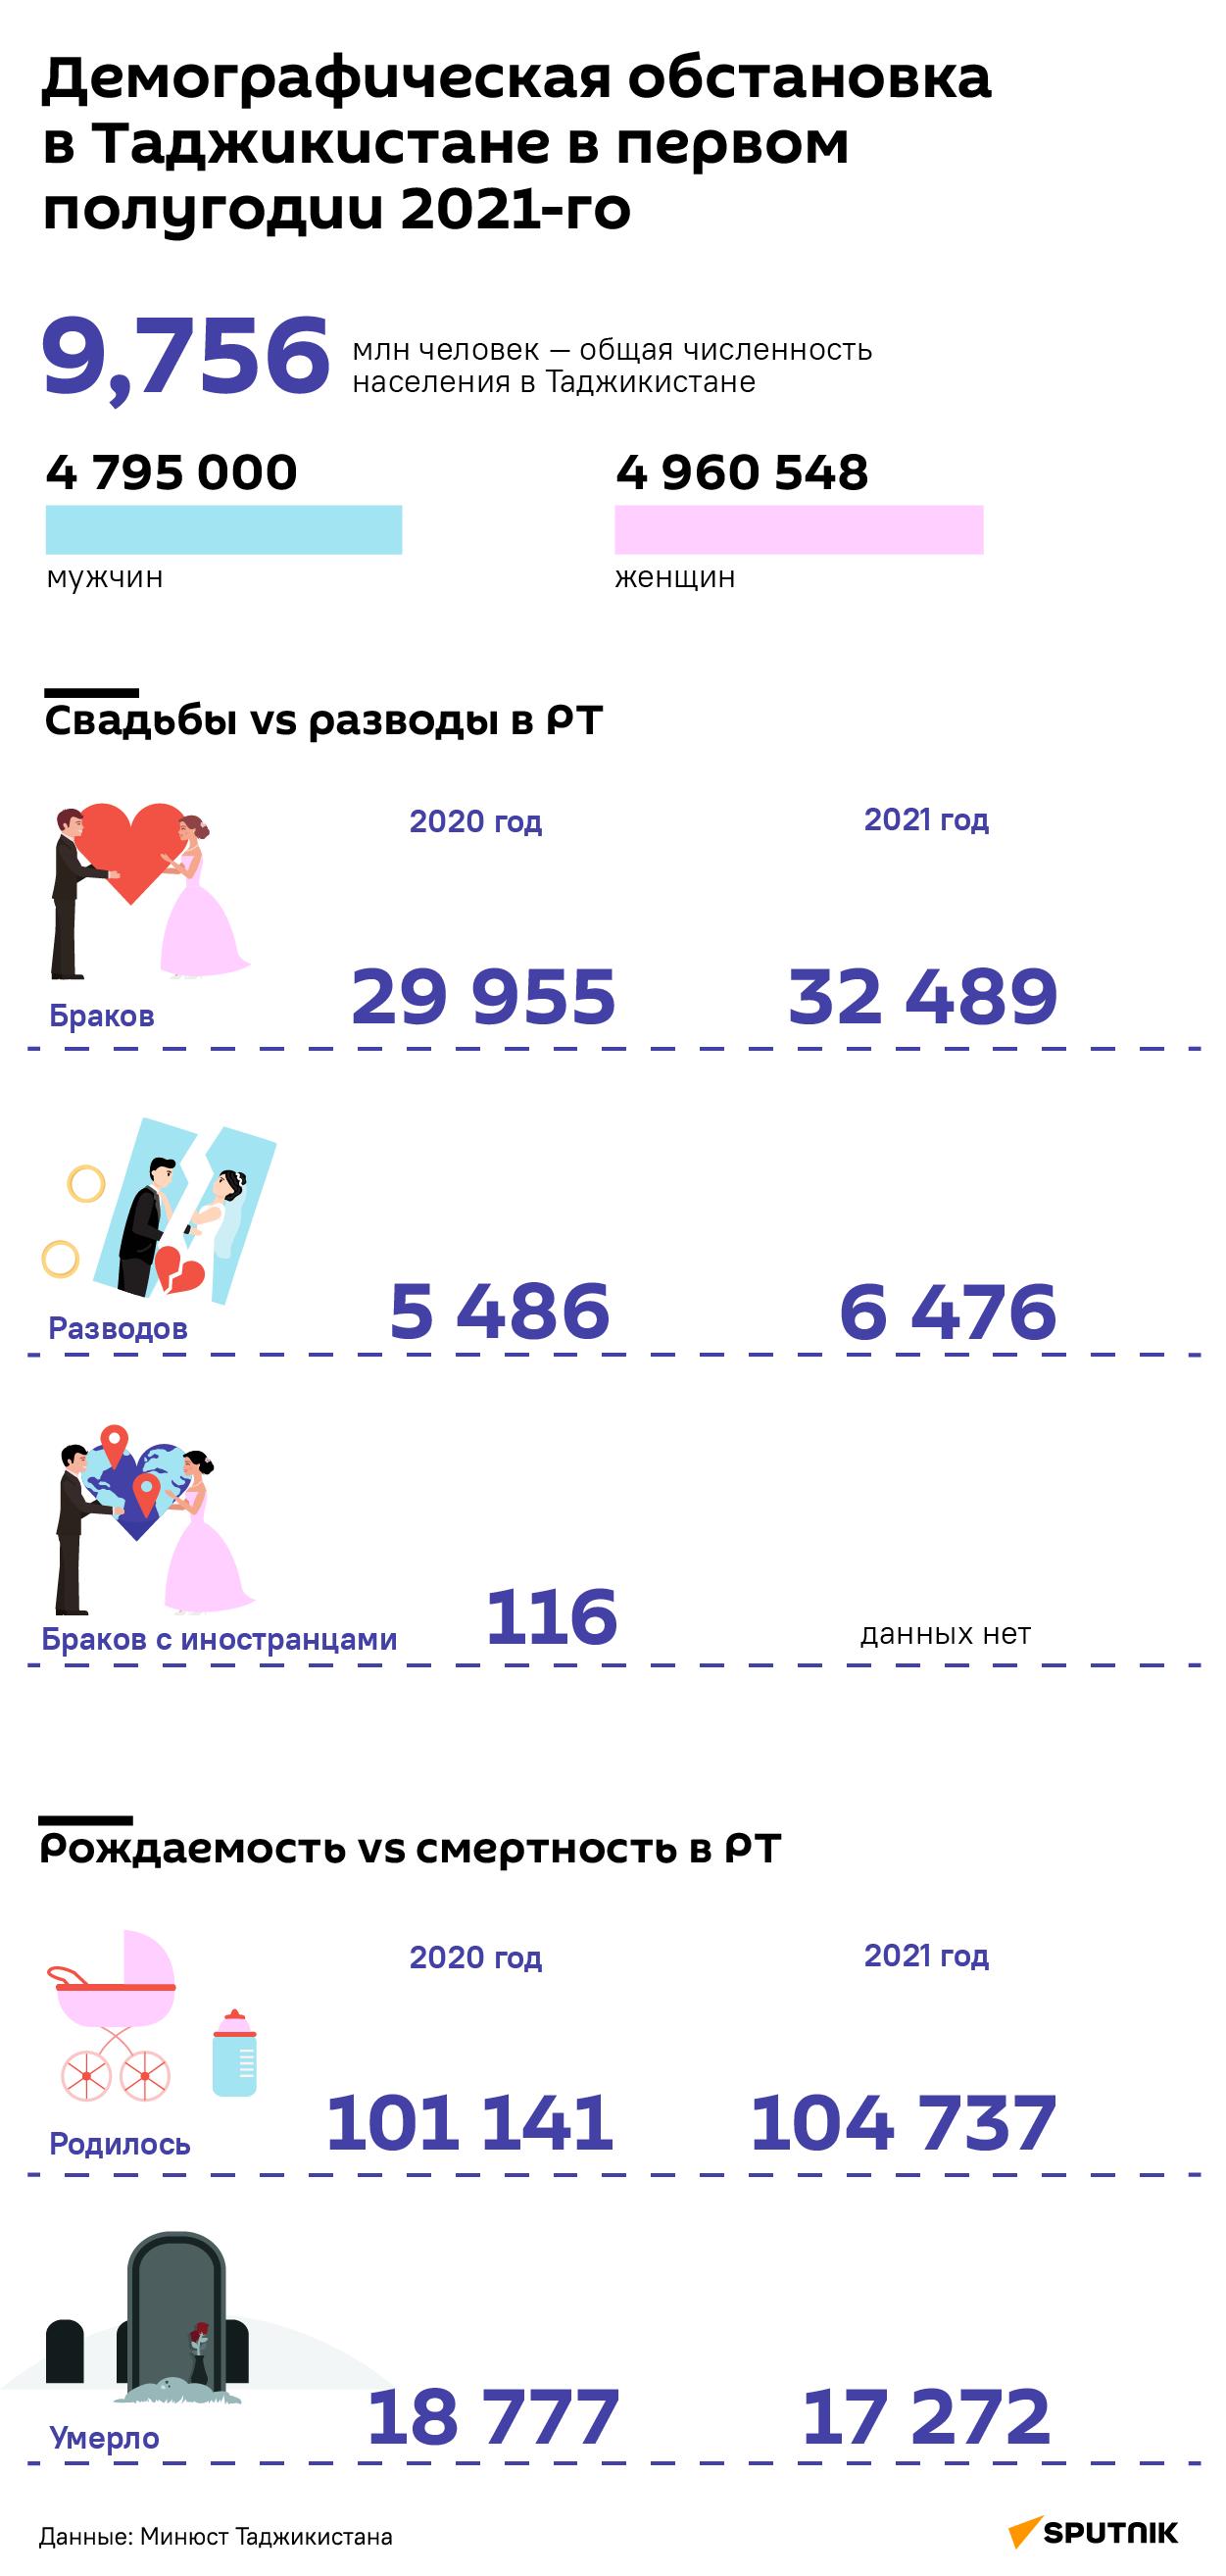 Демографическая обстановка в Таджикистане в первом полугодии 2021-го - Sputnik Таджикистан